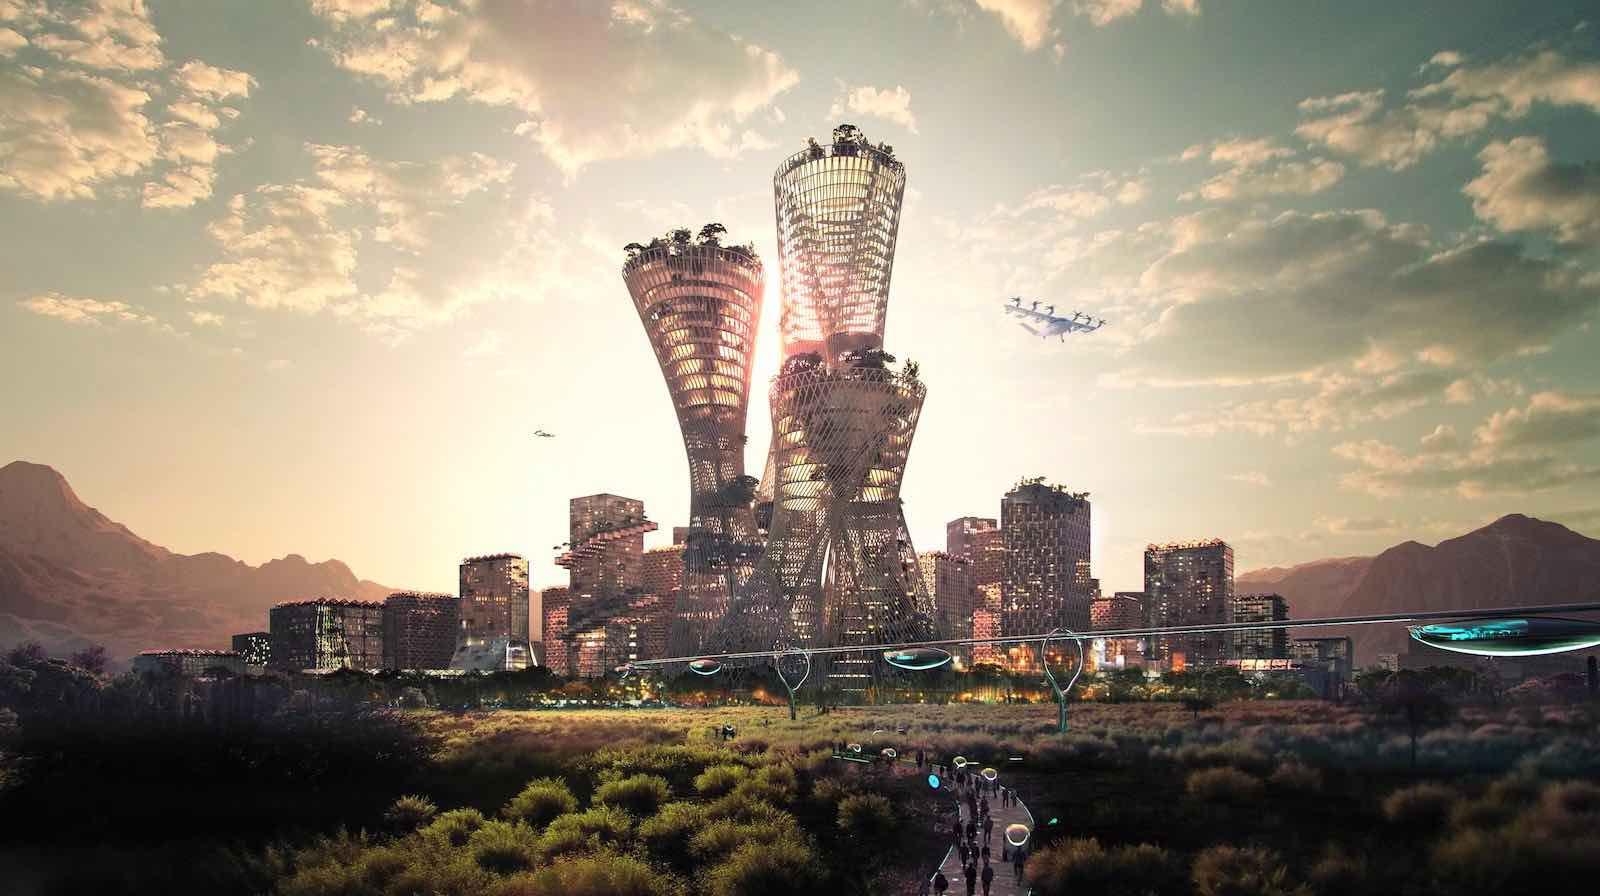 Multimillonario Marc Lore dice estar explorando estos lugares de Estados Unidos para construir una ciudad utópica desde cero